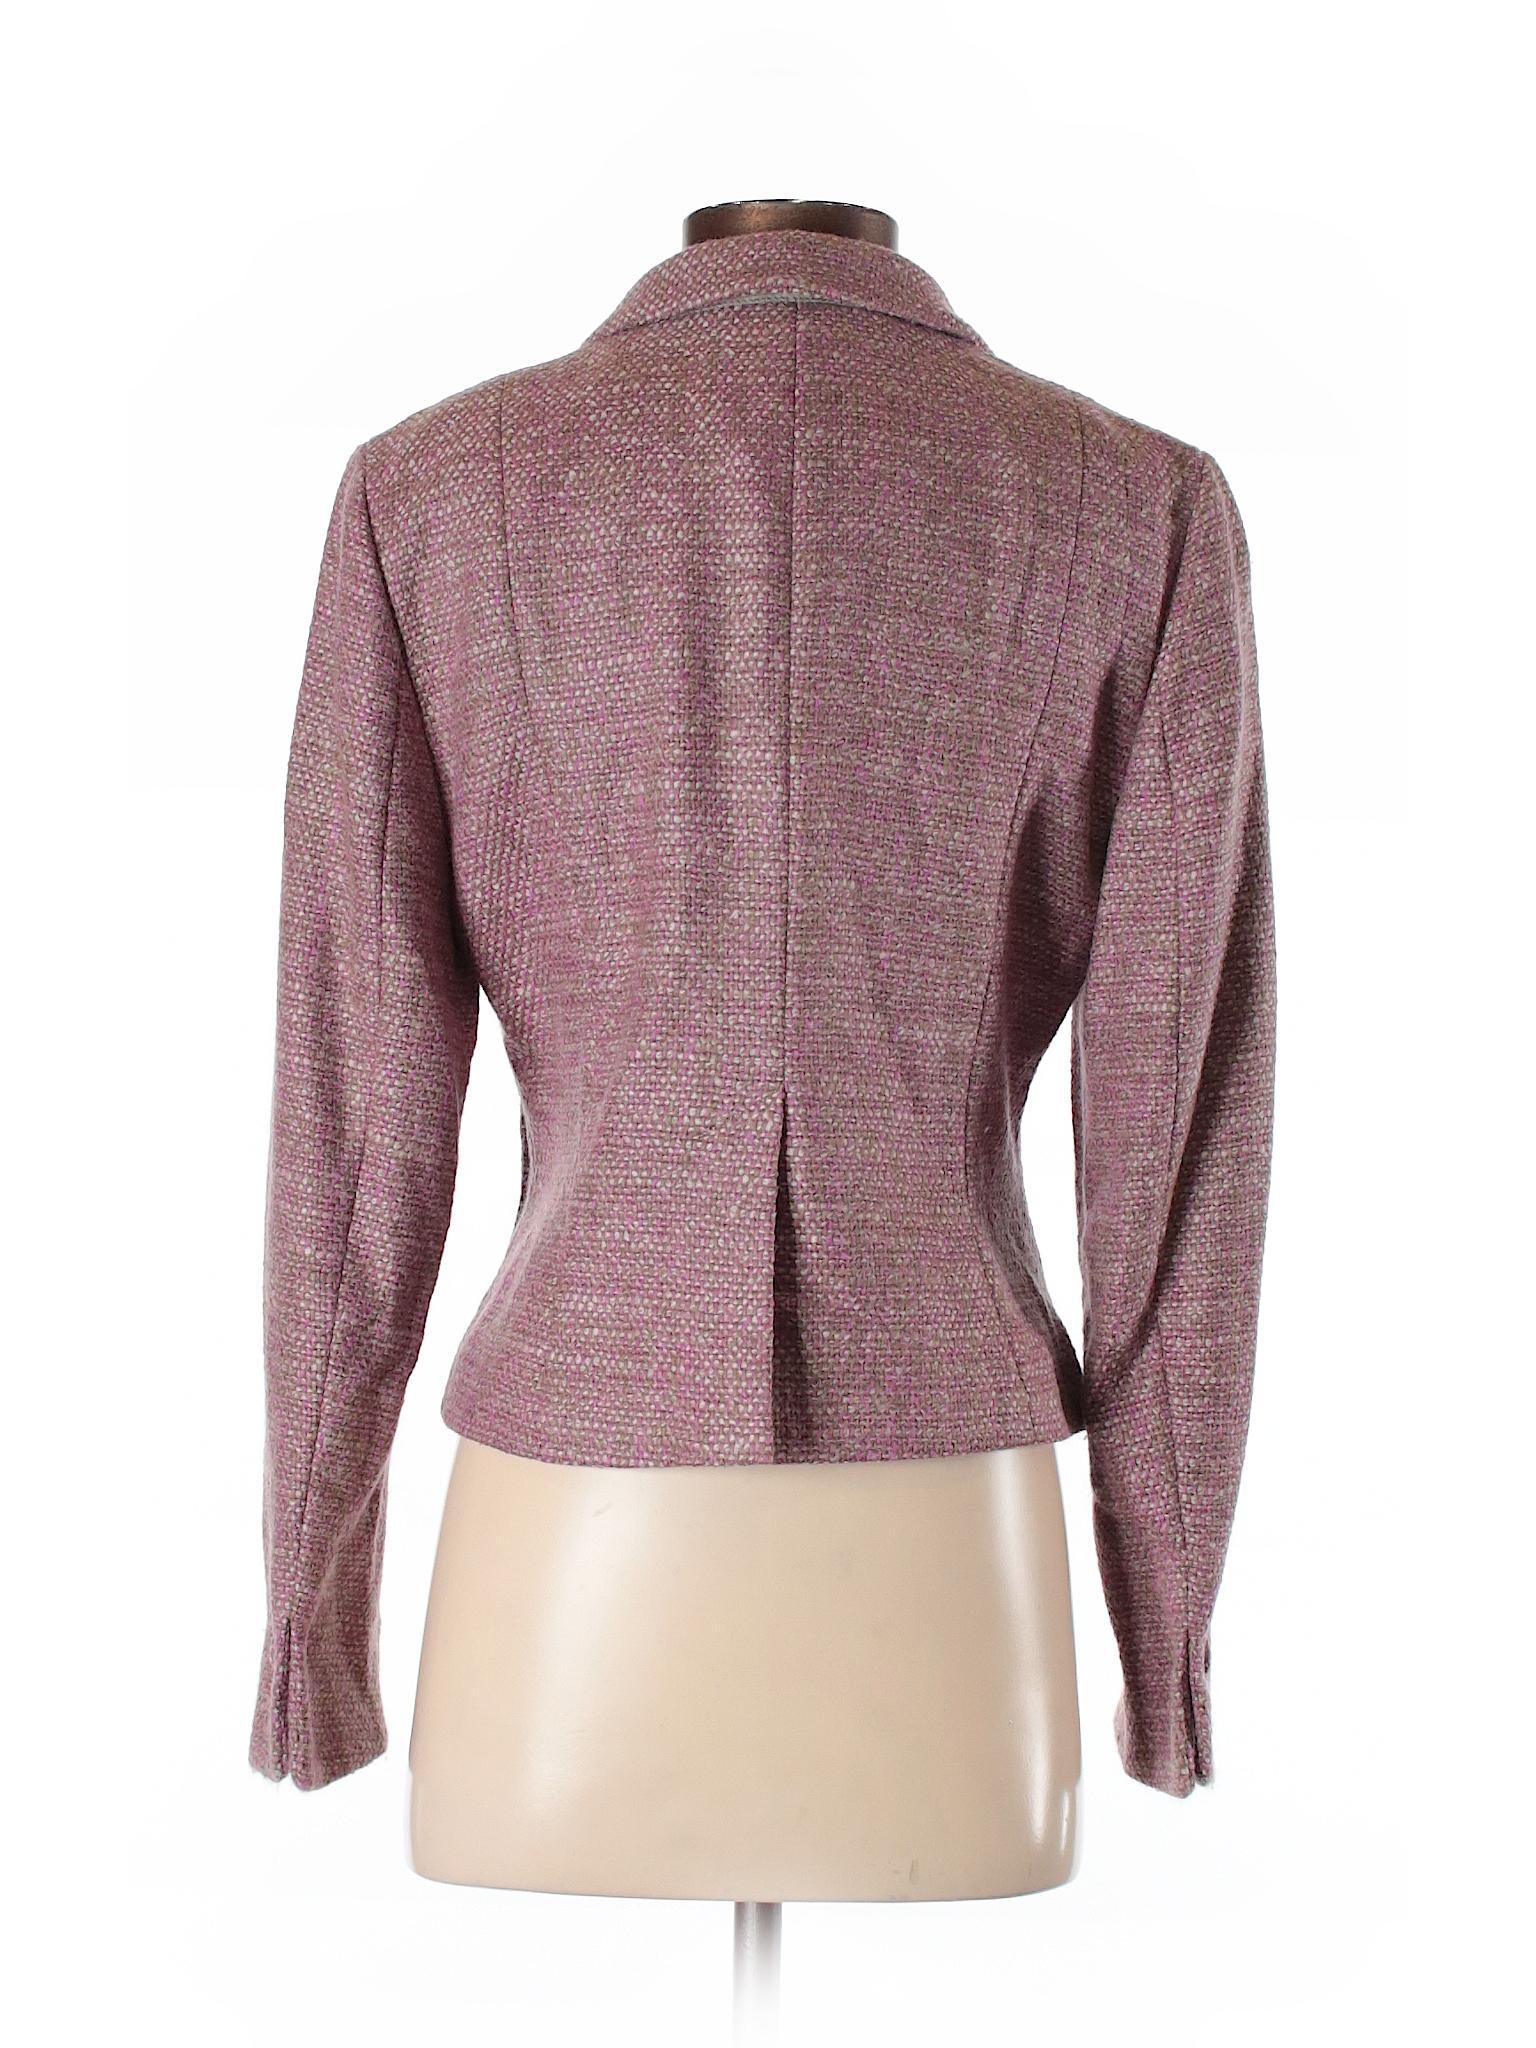 Wool Boutique Blazer Ann leisure Taylor aPwp6qvna